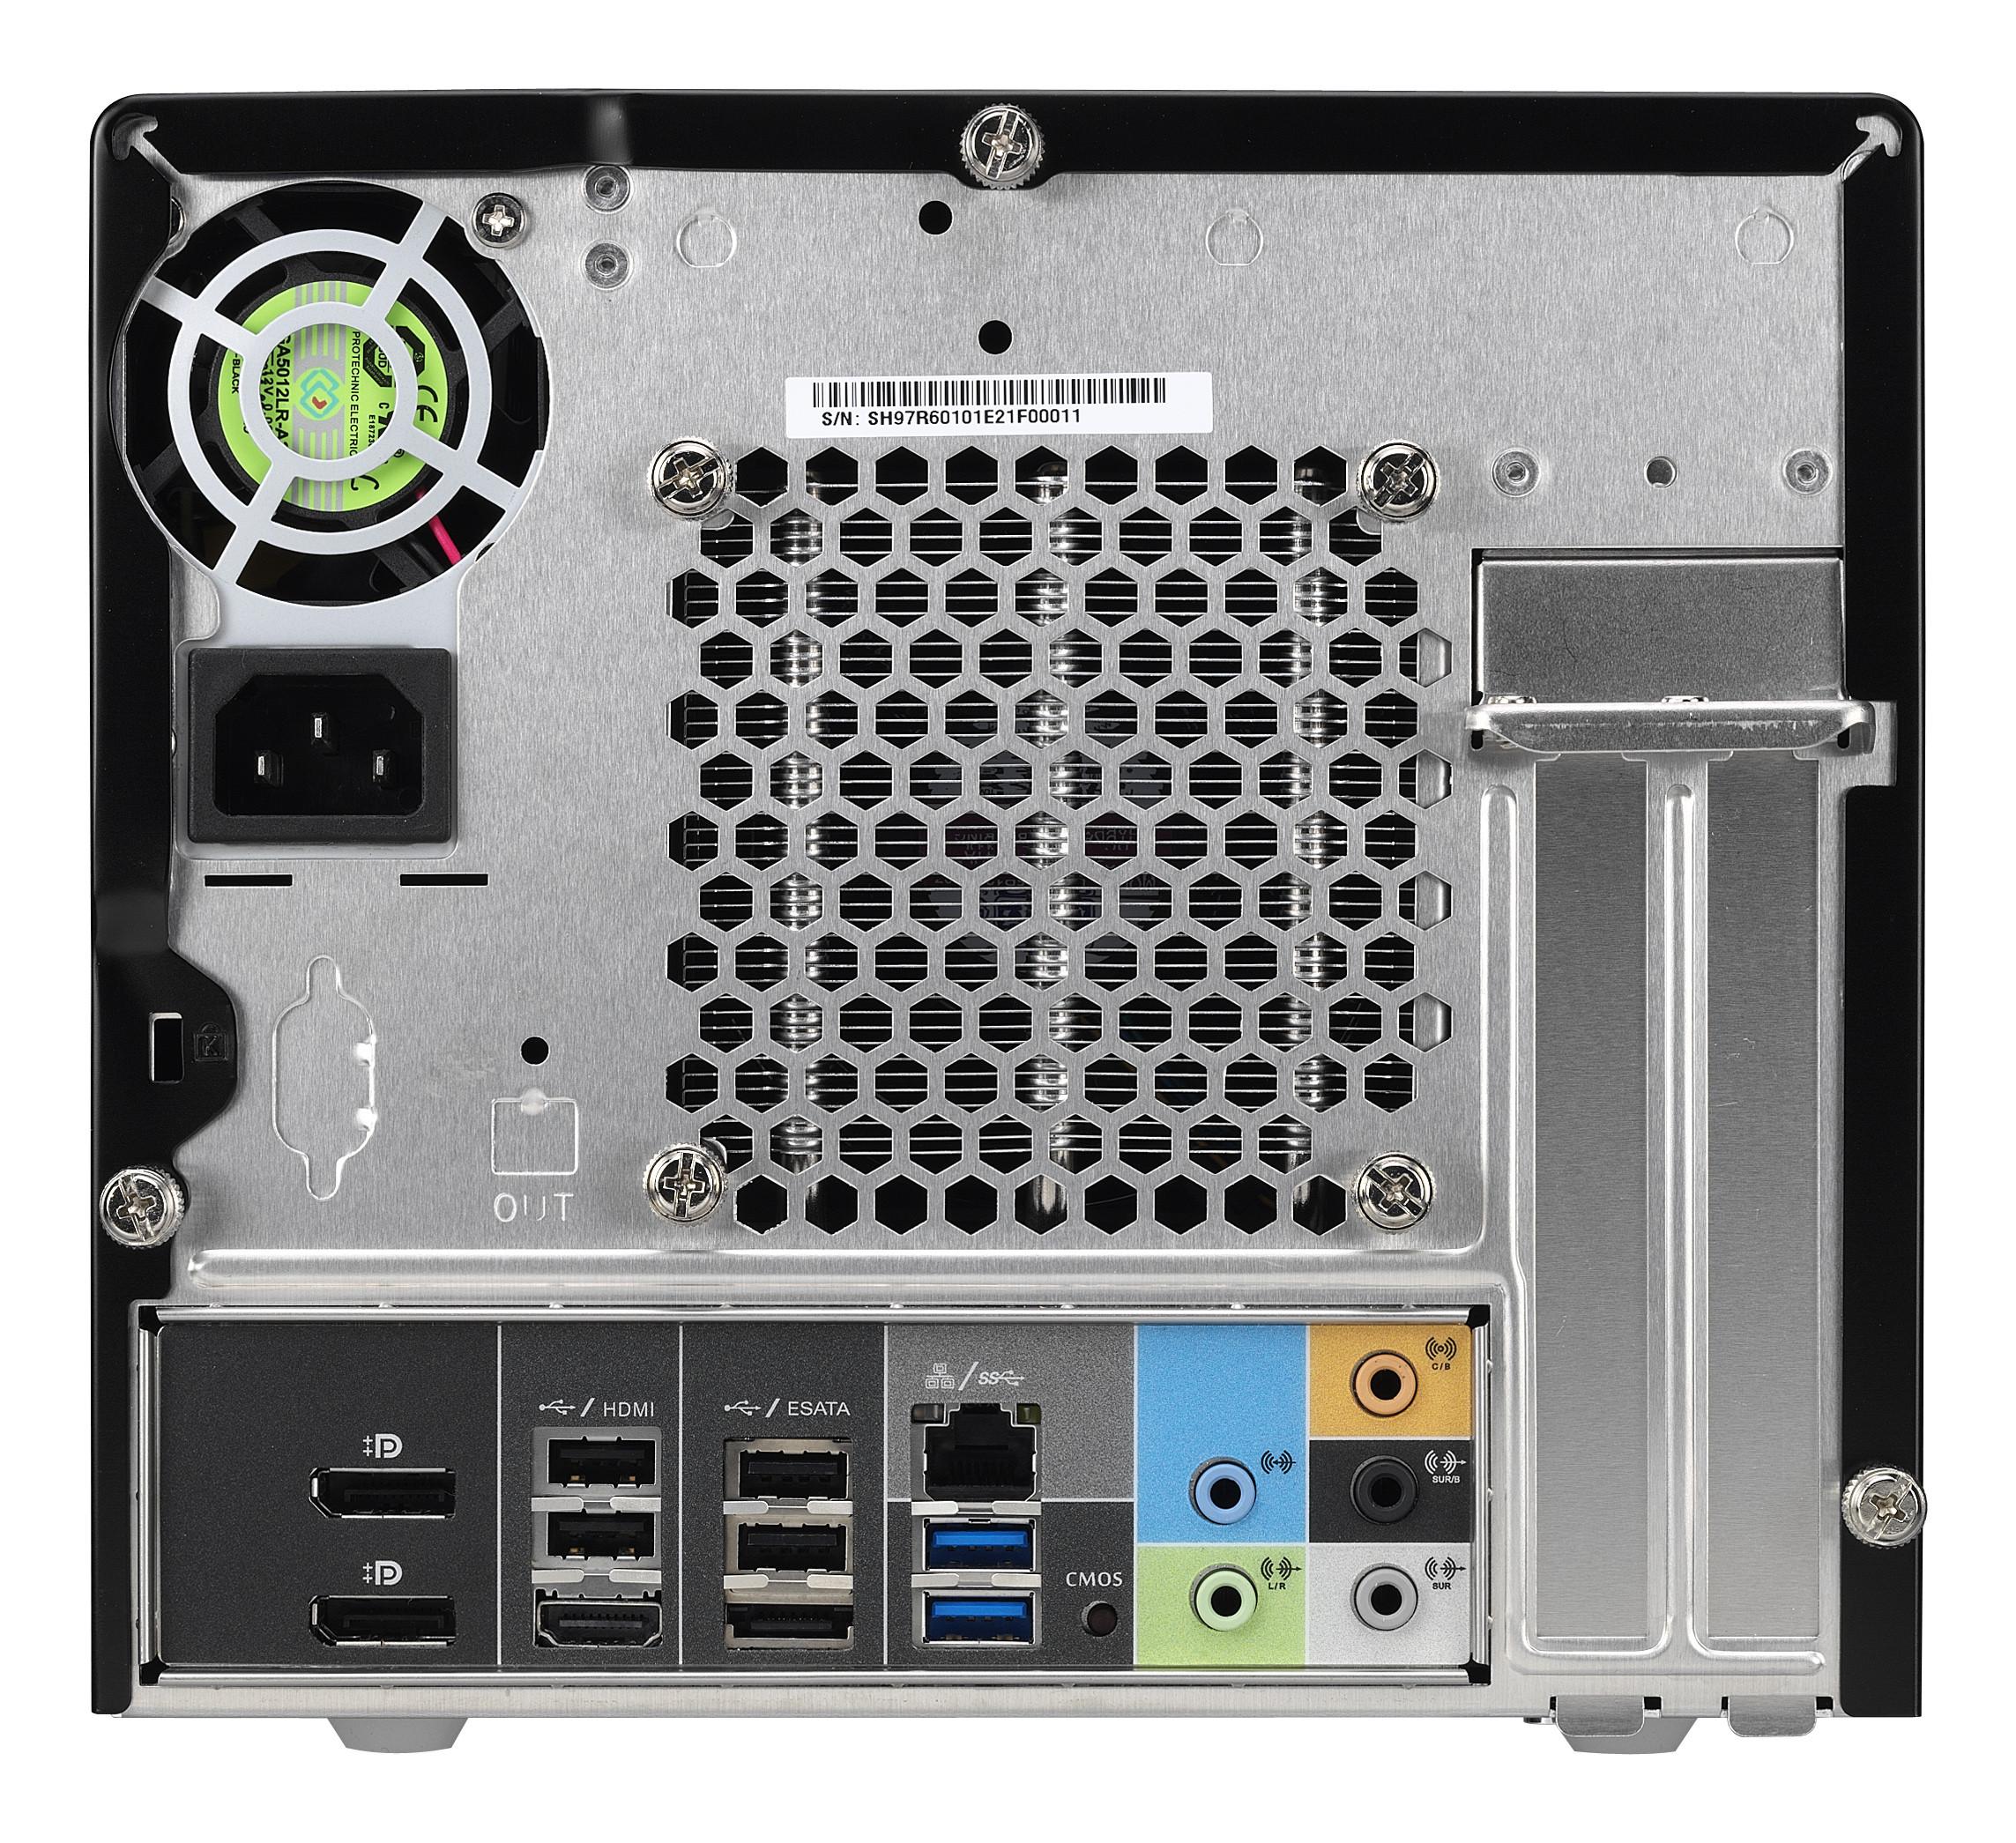 XPC Barebone SH97R6 connectique